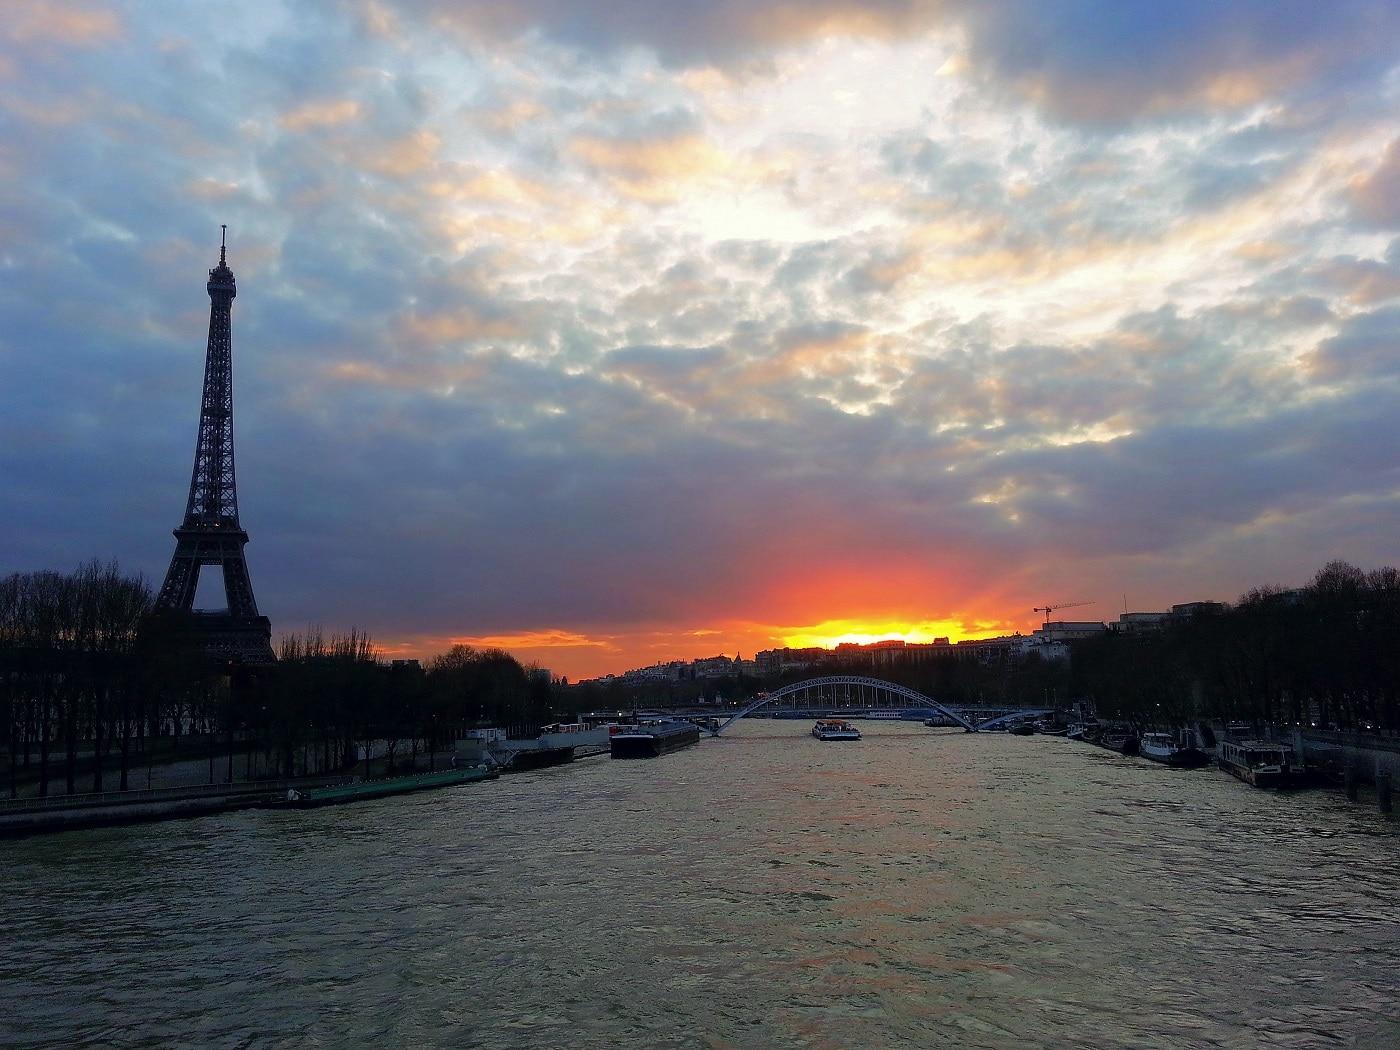 Râul Sena, Paris